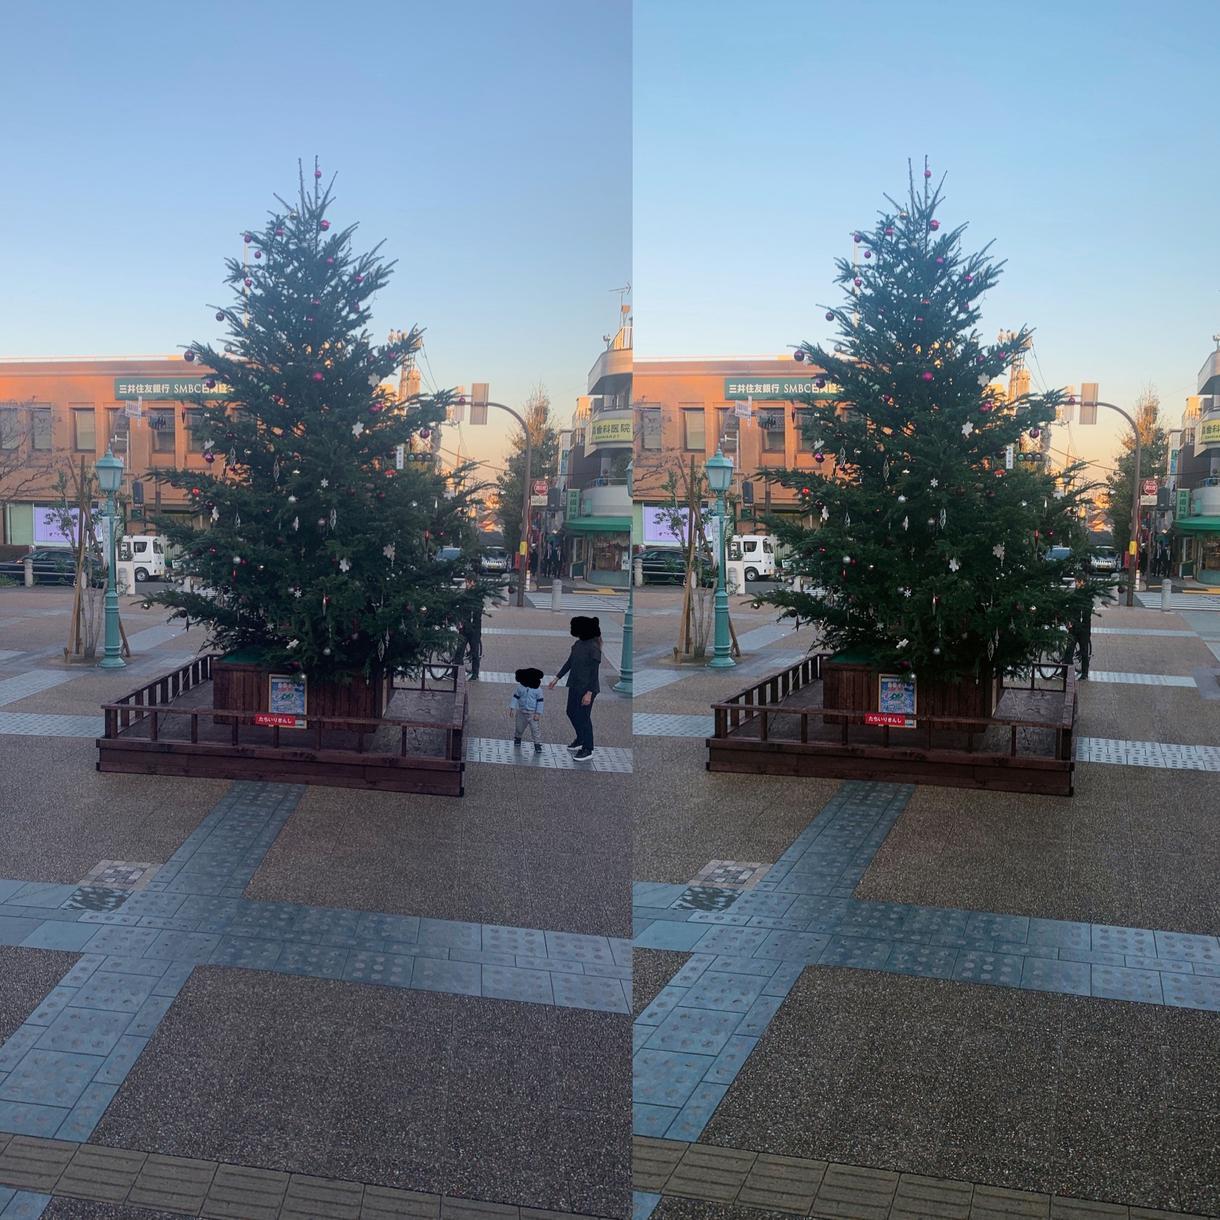 photoshopで画像修整します 画像の修整、柔軟に対応します。